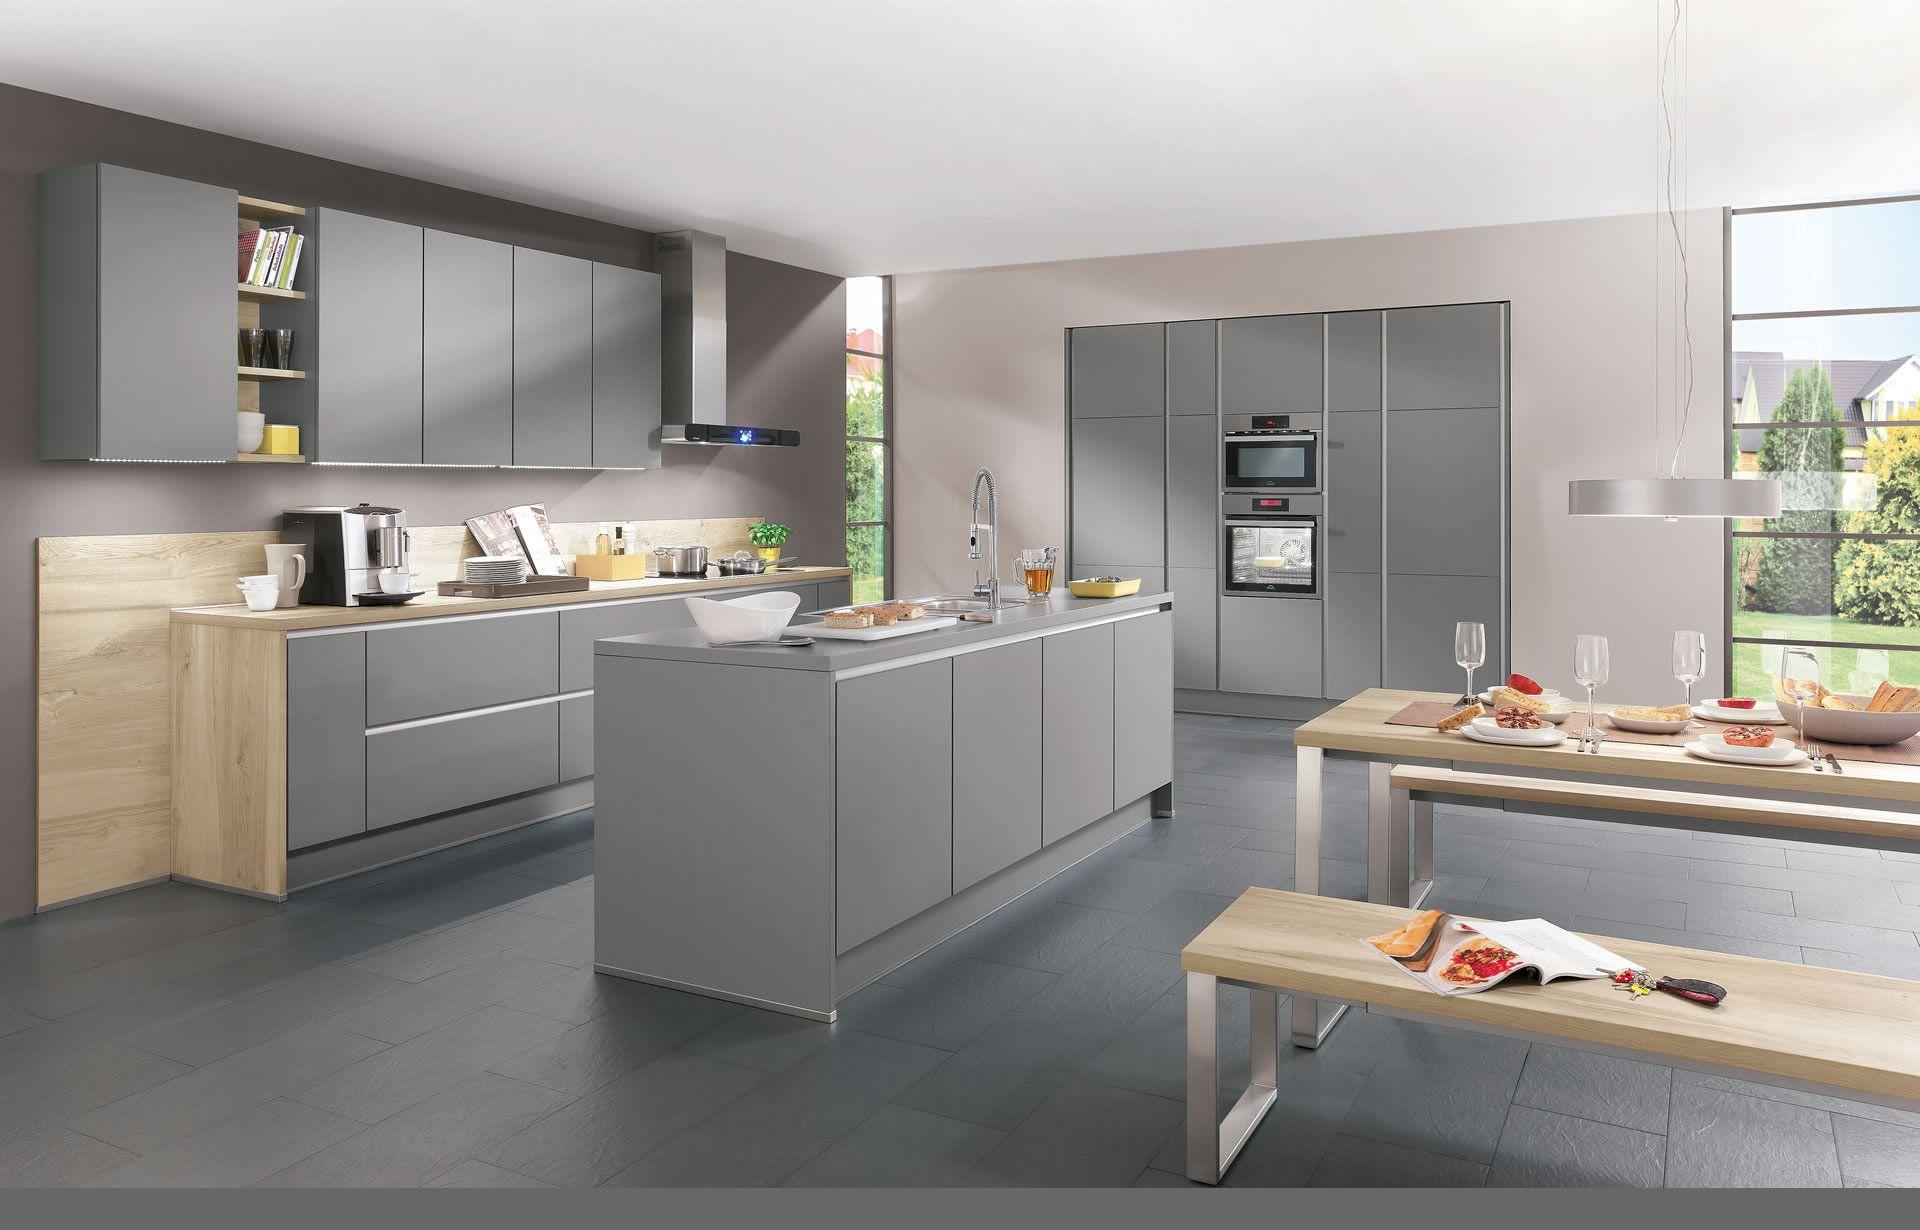 nobilia Küchen - nobilia | Produkte | Dunkle Farben … | to | Pinte…